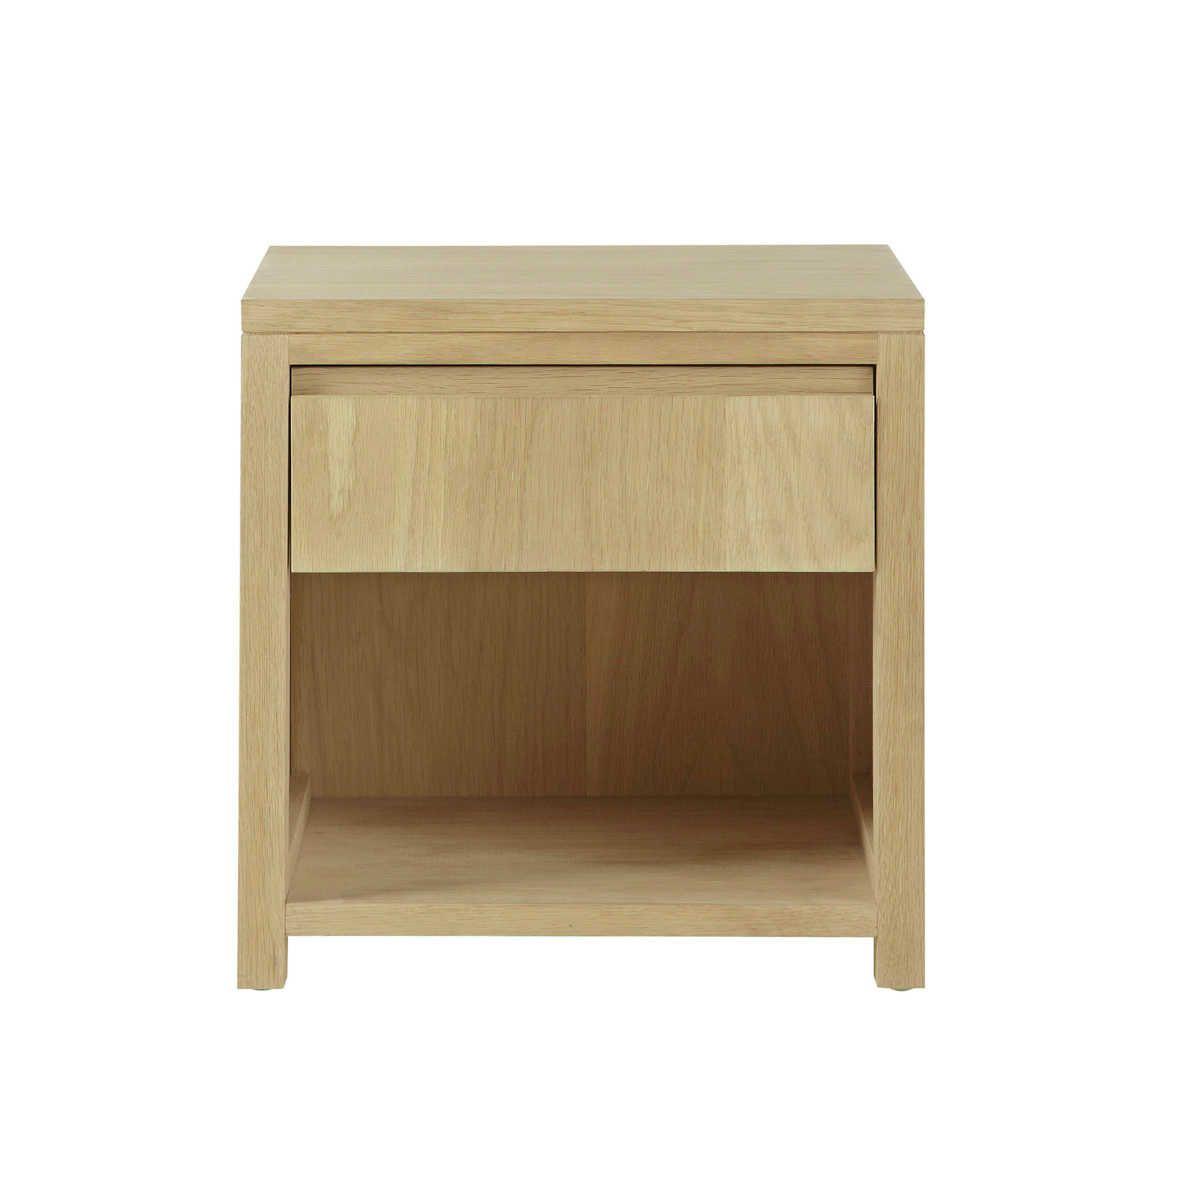 maison du monde ambiance scandinave ou nature table de chevet avec tiroir en ch ne massif l 40. Black Bedroom Furniture Sets. Home Design Ideas